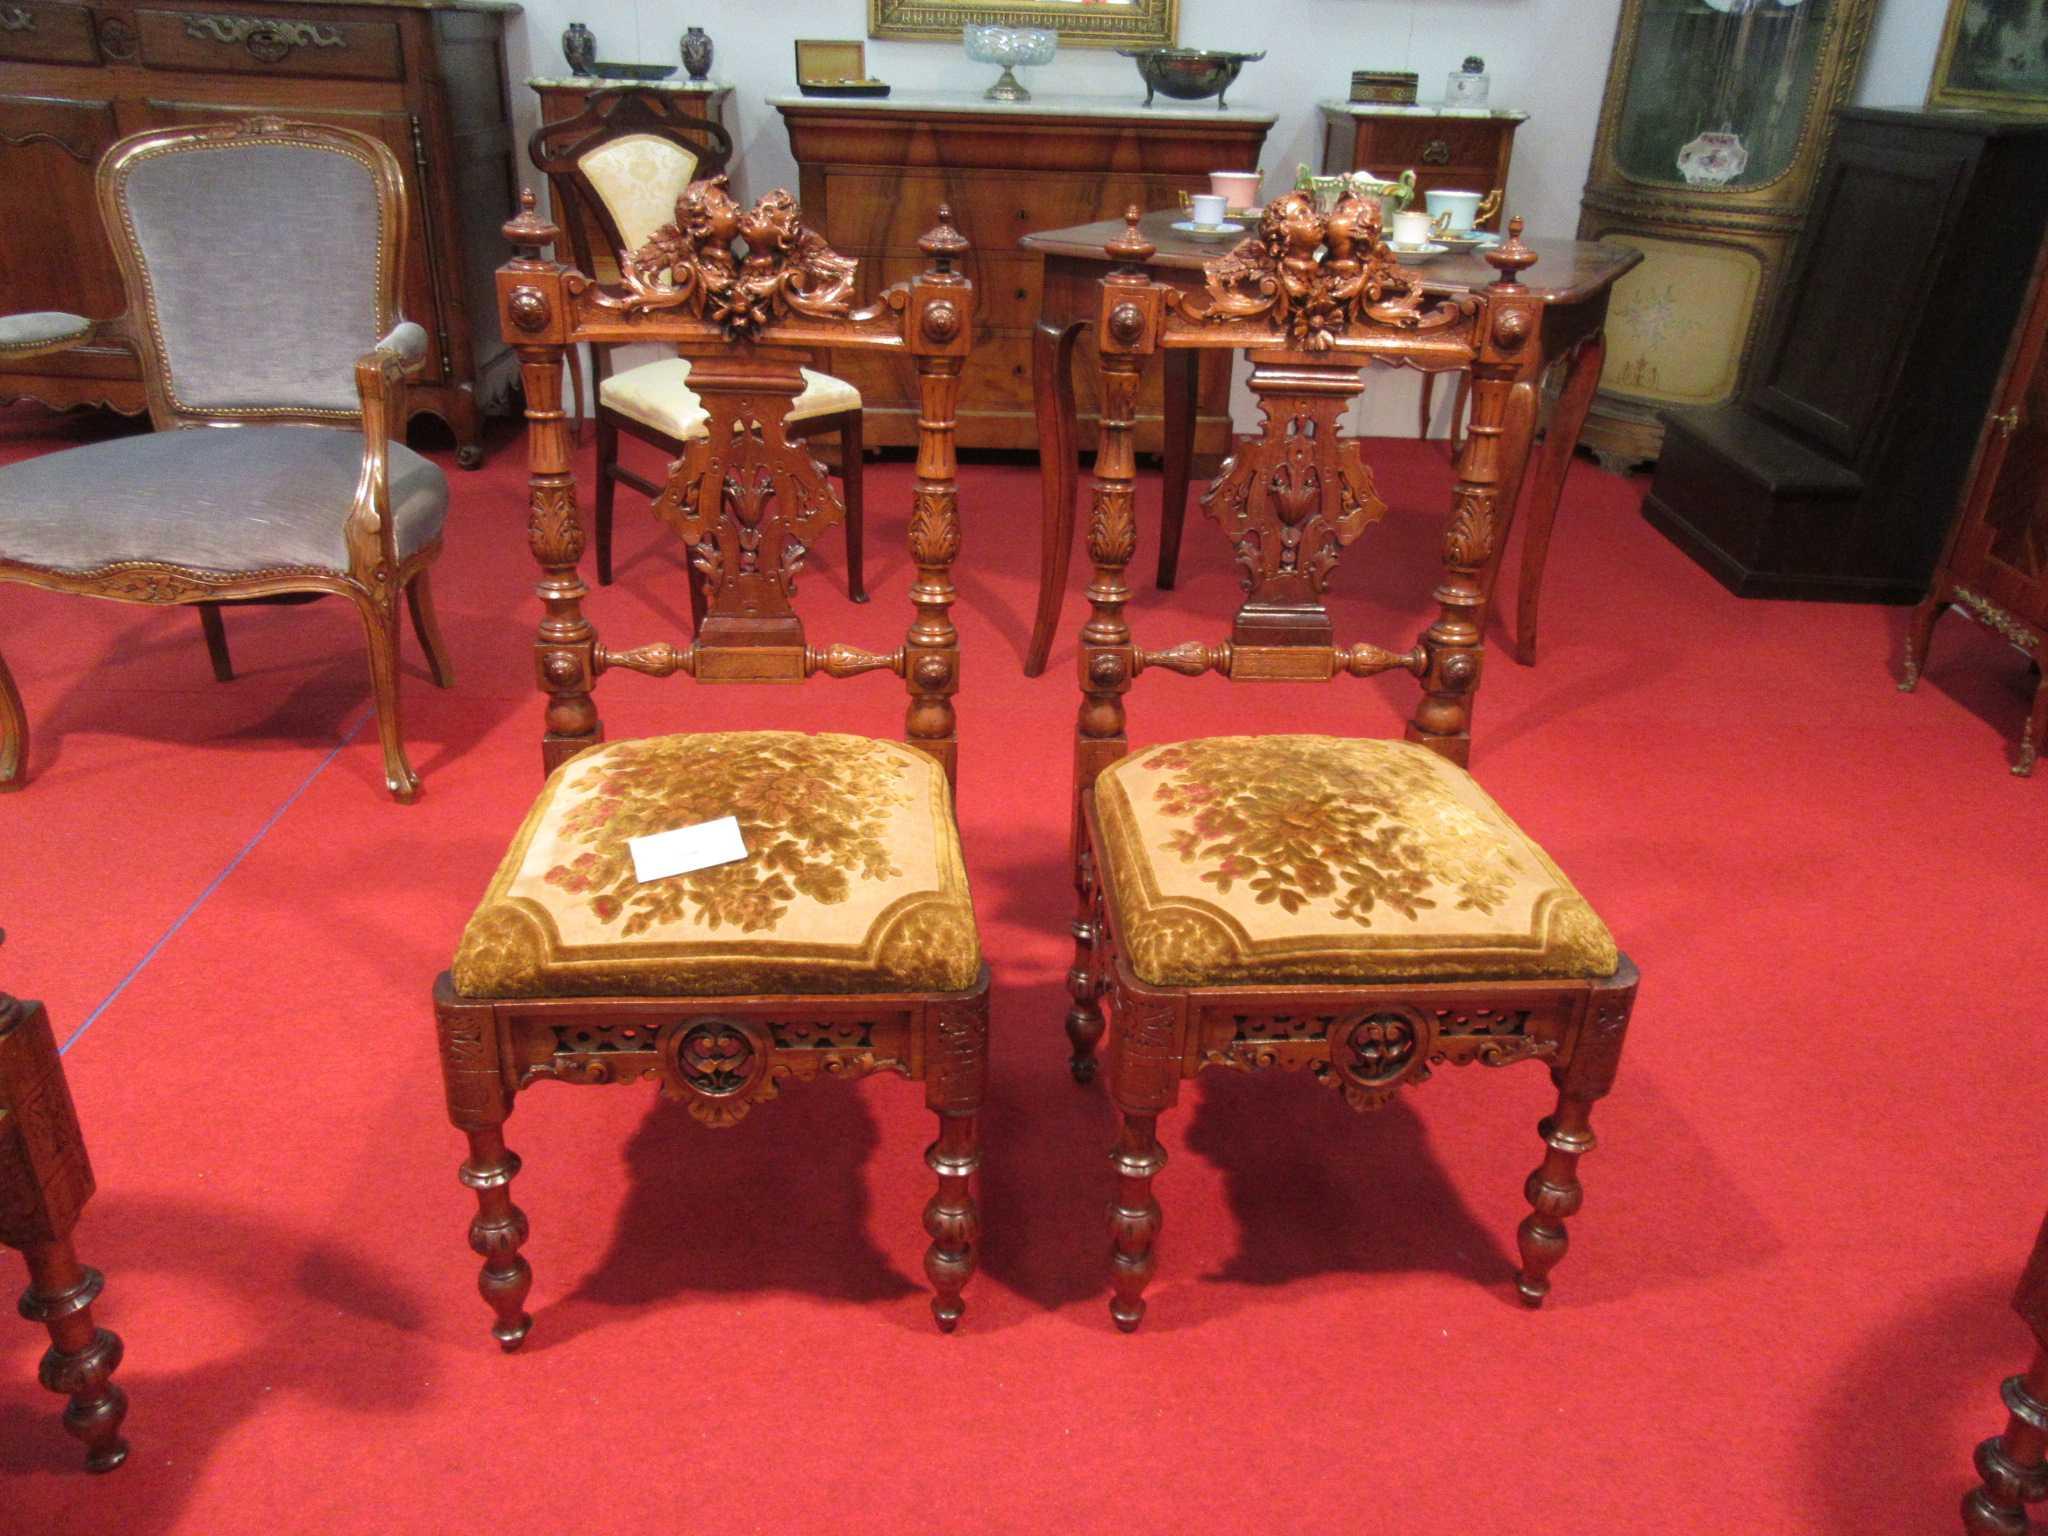 Divani poltrone sedie arredamento mobili antiquariato - Stili di mobili ...